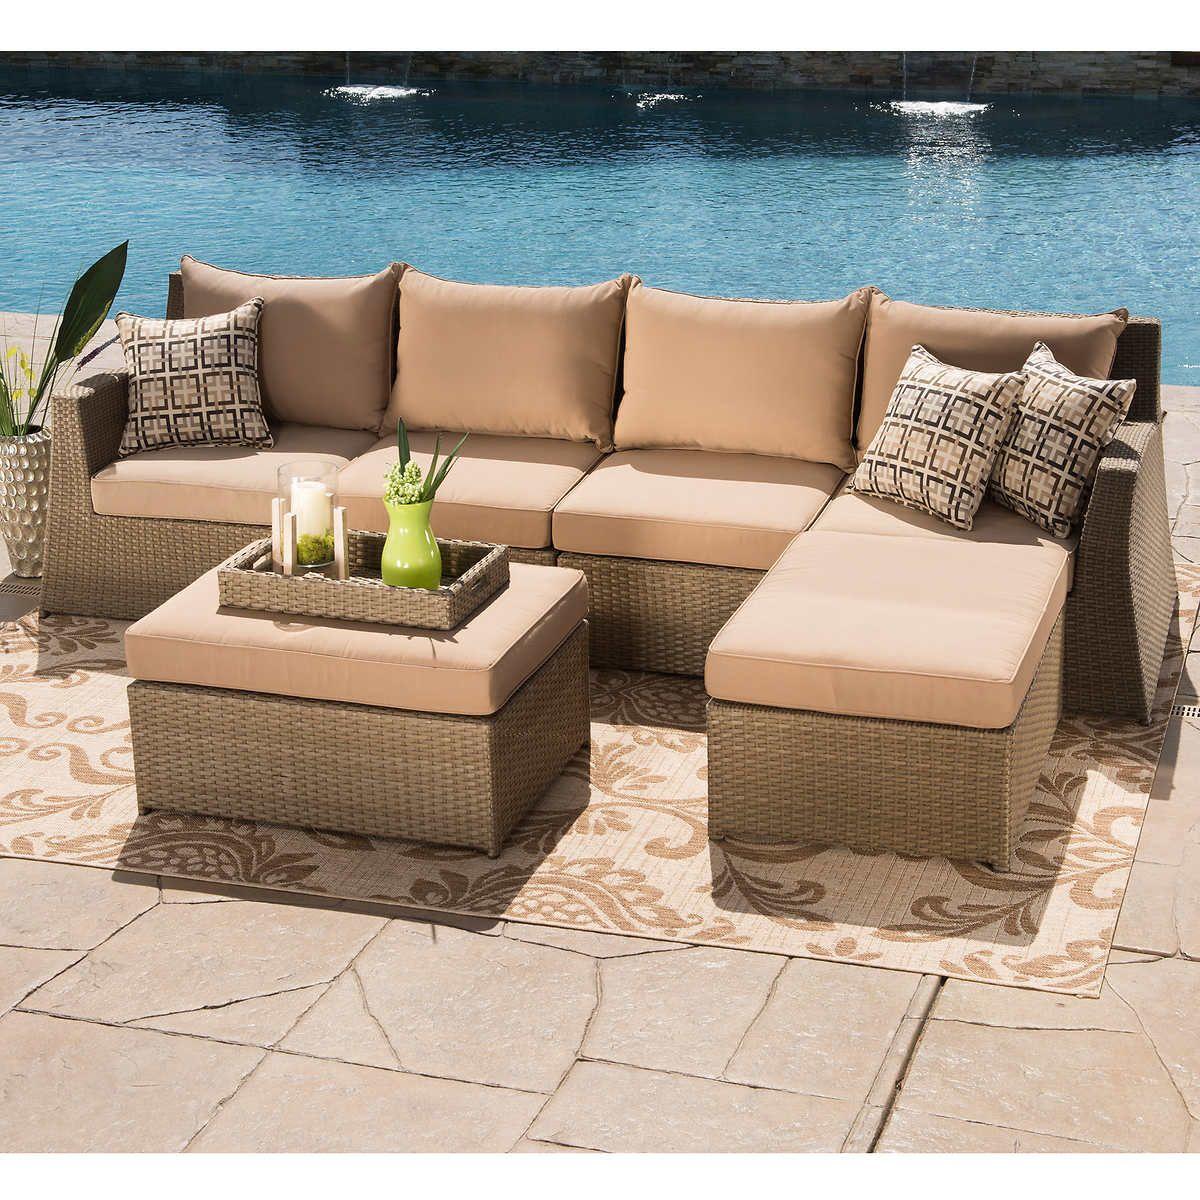 Costco Outdoor Sectional Buy Outdoor Furniture Outdoor Deck